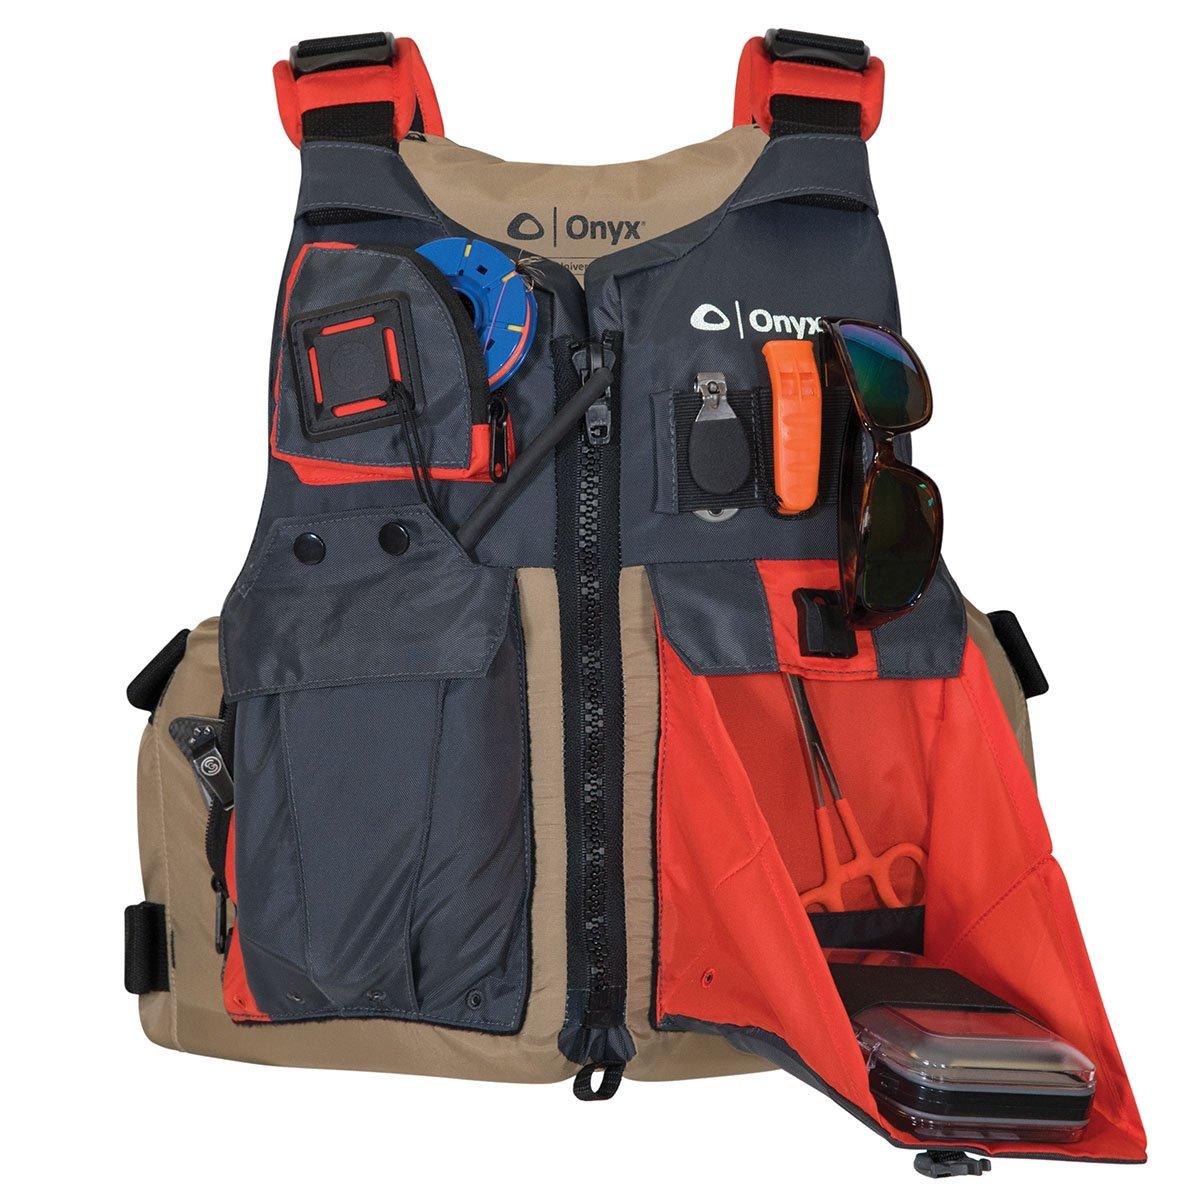 ONYX Kayak Fishing Life Jacket Tan